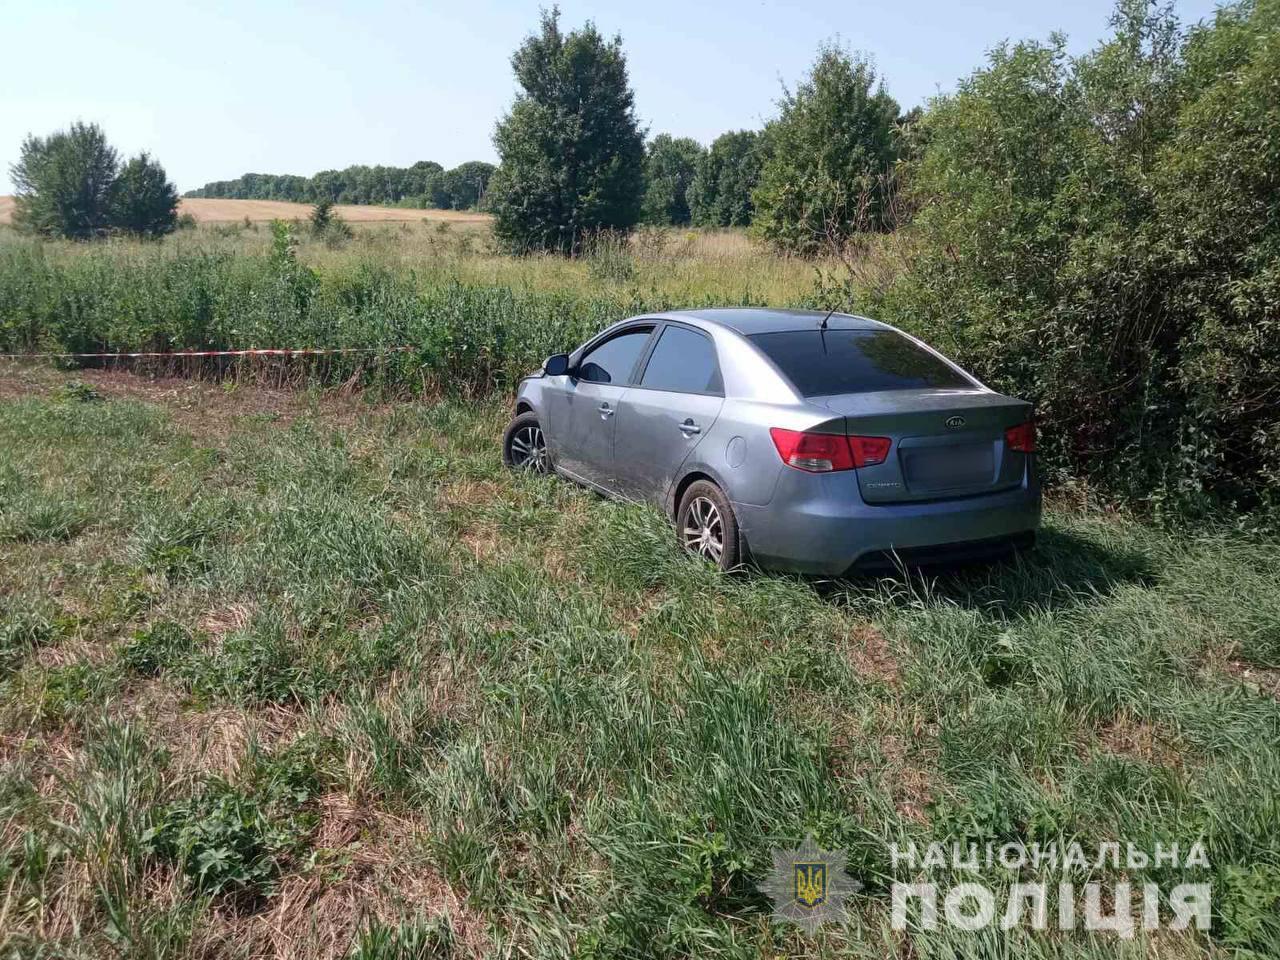 Викрав автівку у Прилуках і відігнав у сусідню область: поліція затримала зловмисника (Фото)